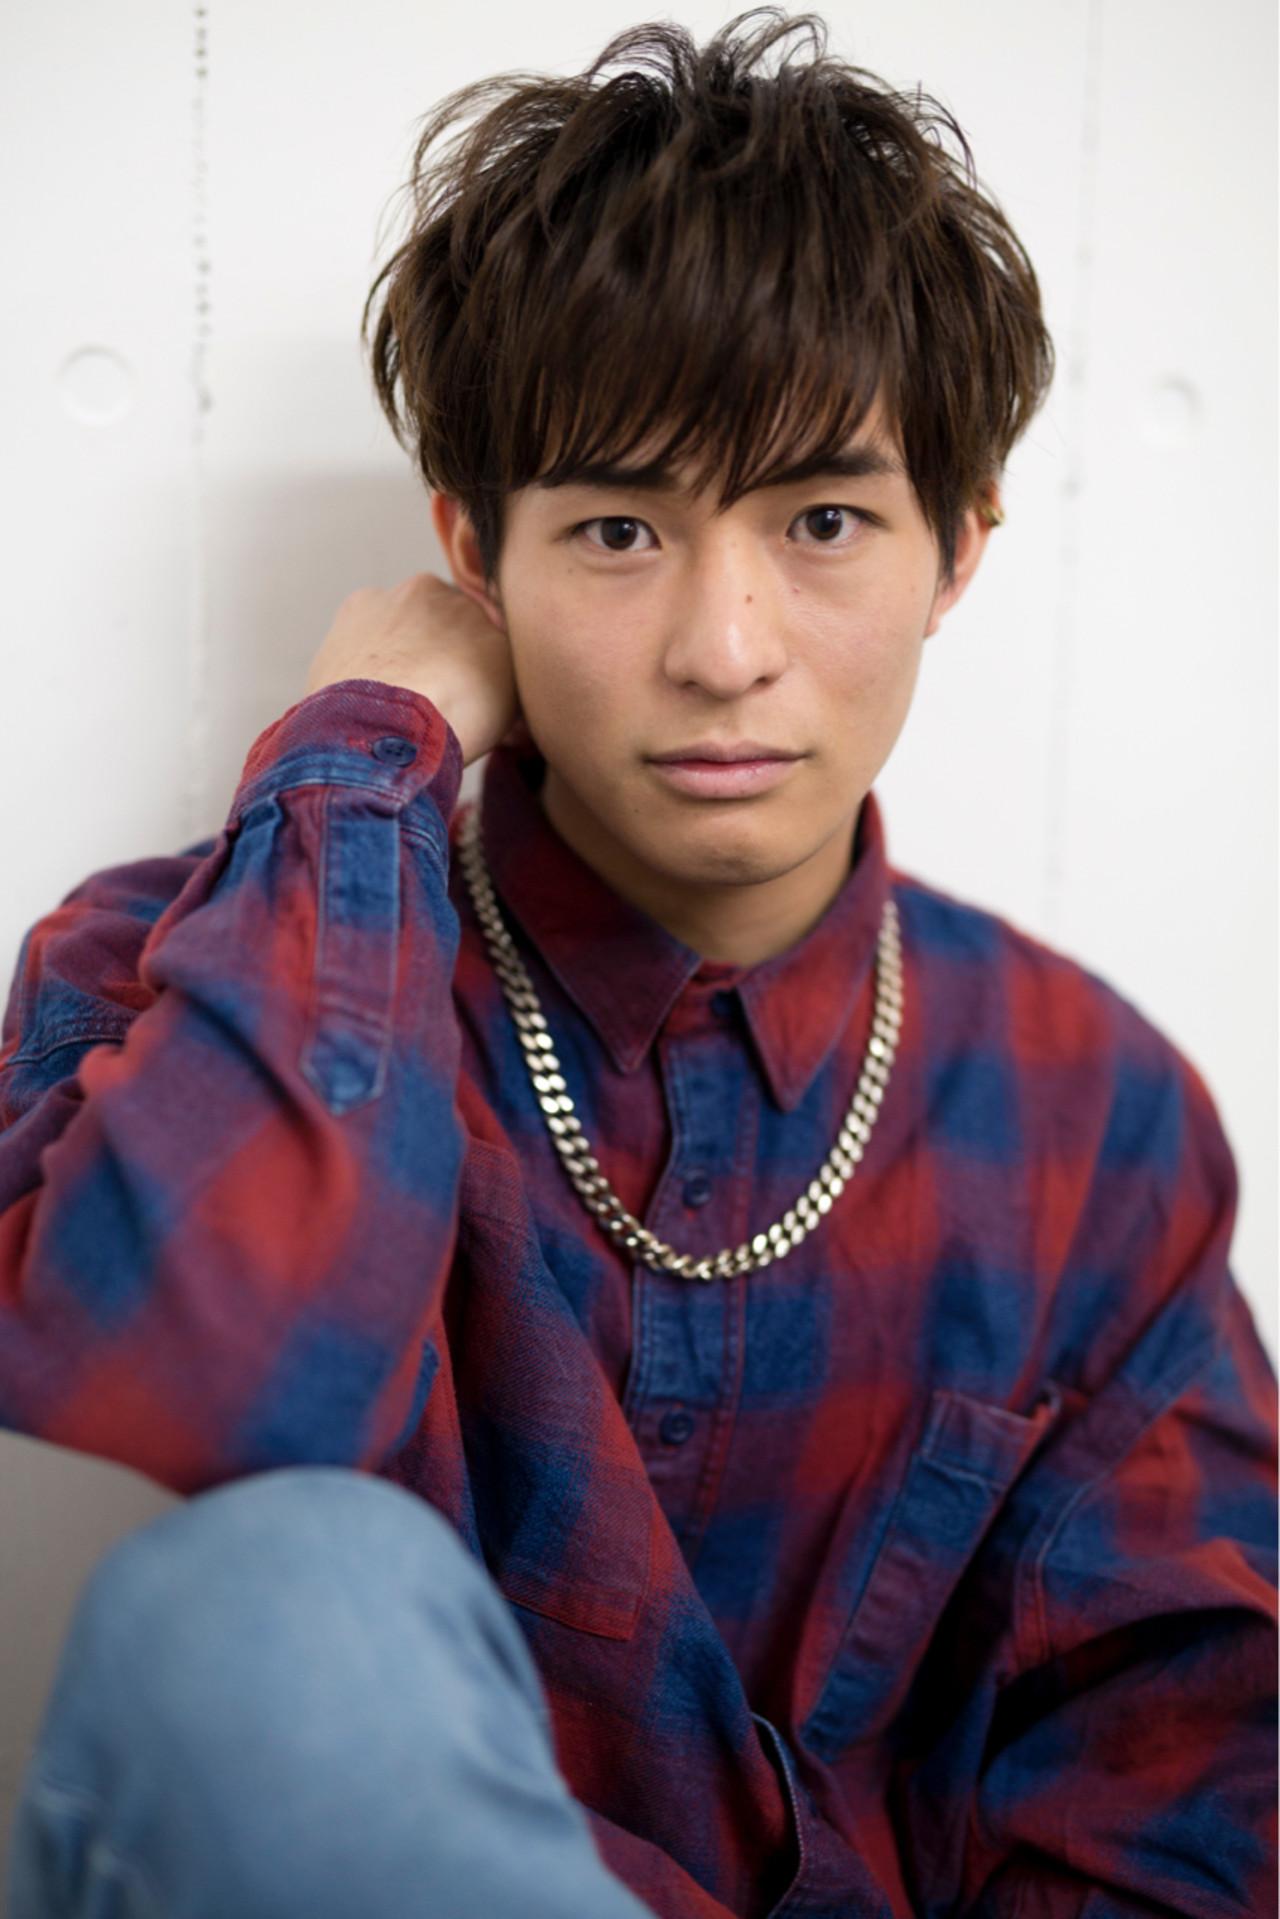 スポーツ ショート ストリート メンズ ヘアスタイルや髪型の写真・画像 | RYOSUKE / MAGNOLiA